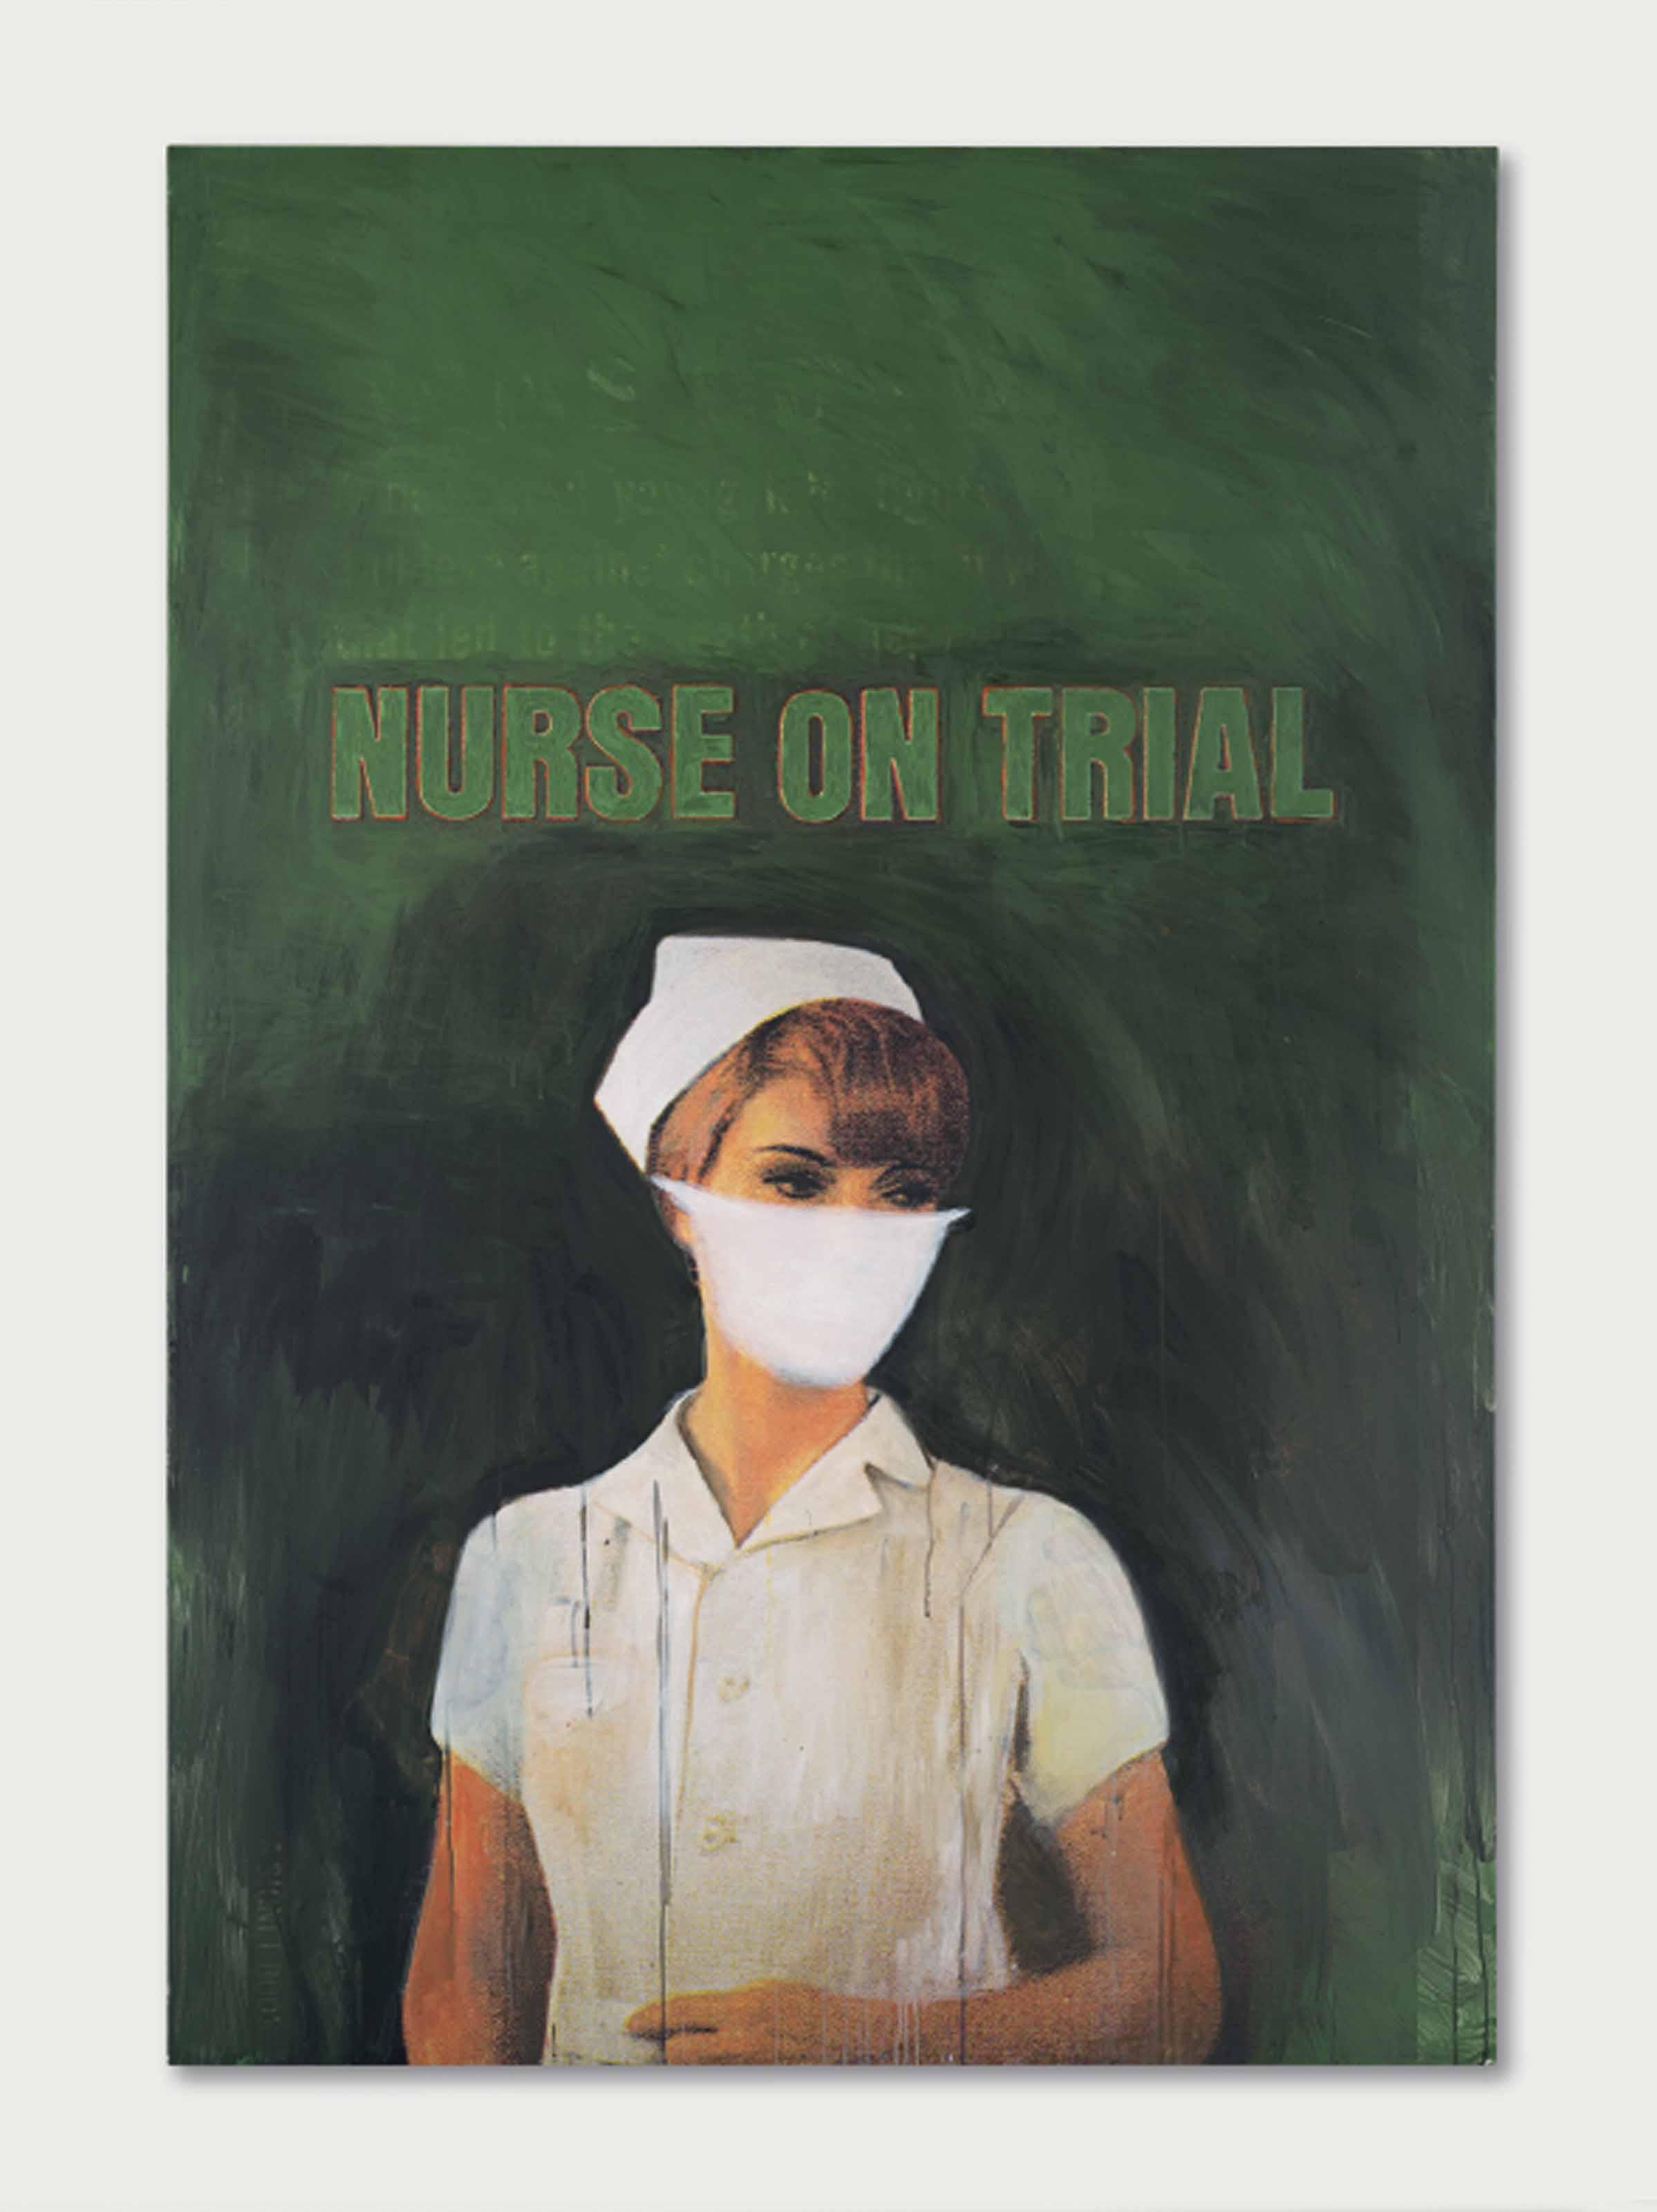 Nurse on Trial